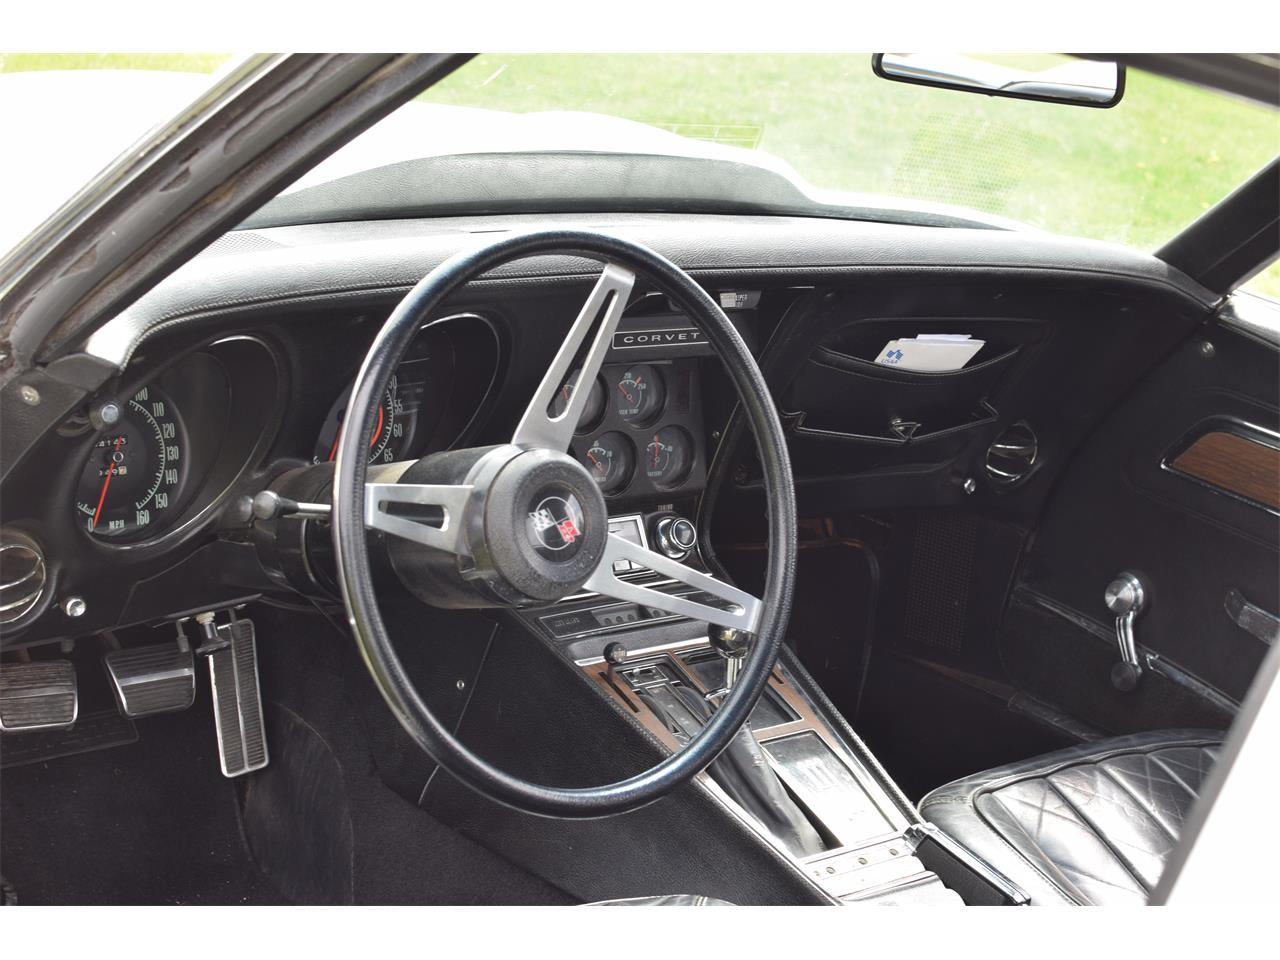 Large Picture of Classic 1971 Corvette - $14,500.00 - Q4GJ